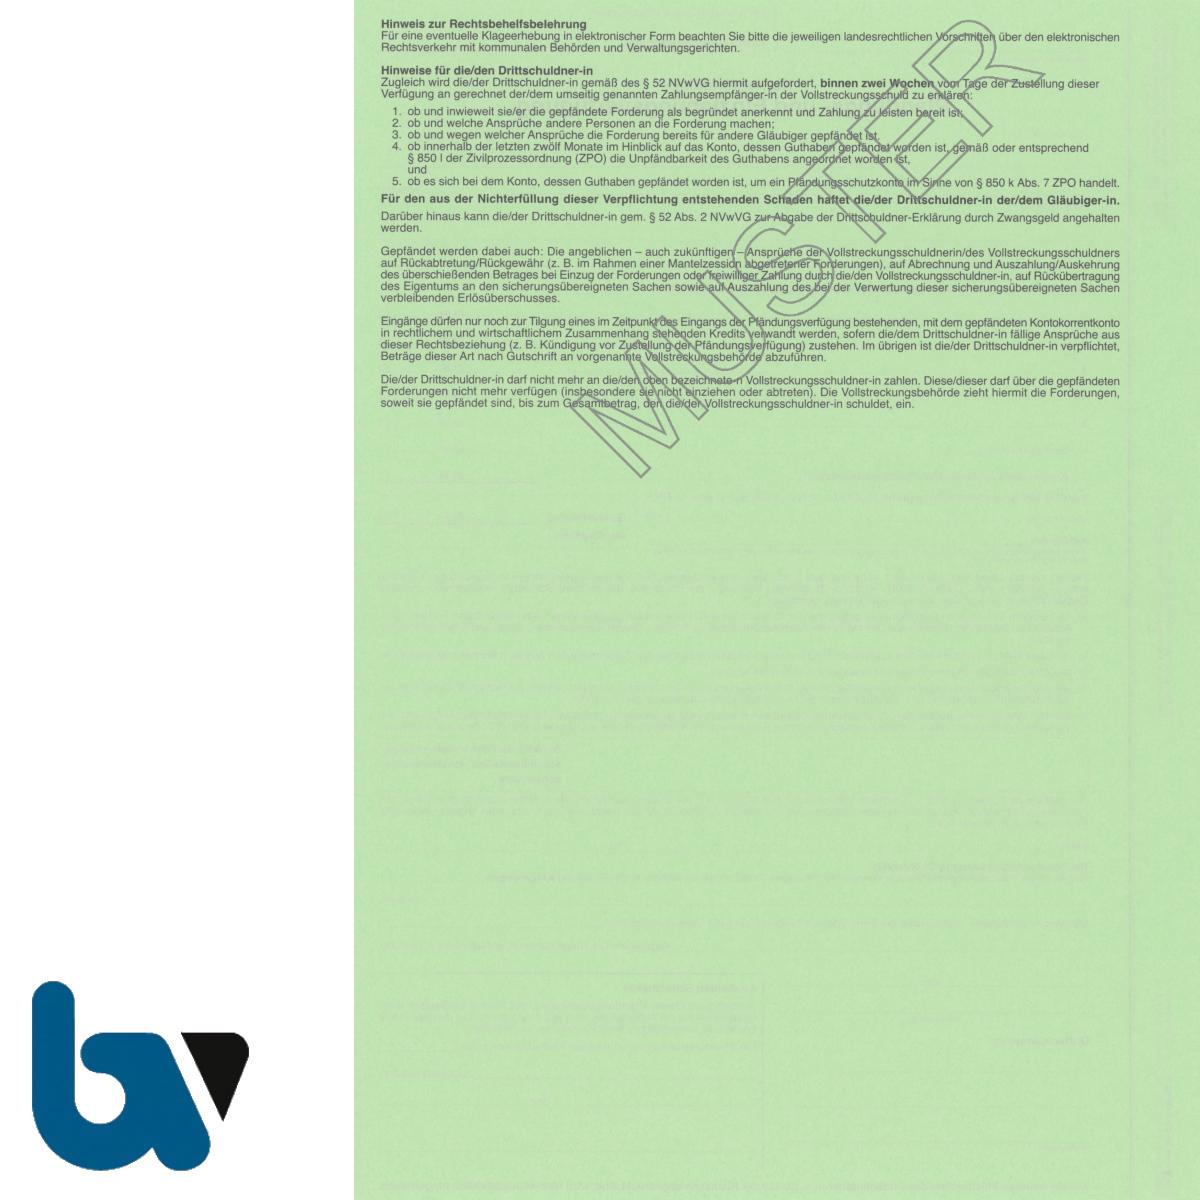 4/815-3 Pfändung Einziehung Verfügung Kontopfändung Niedersachsen Vollstreckung ZPO NVwVG 4-fach selbstdurchschreibend DIN A4 Rückseite | Borgard Verlag GmbH